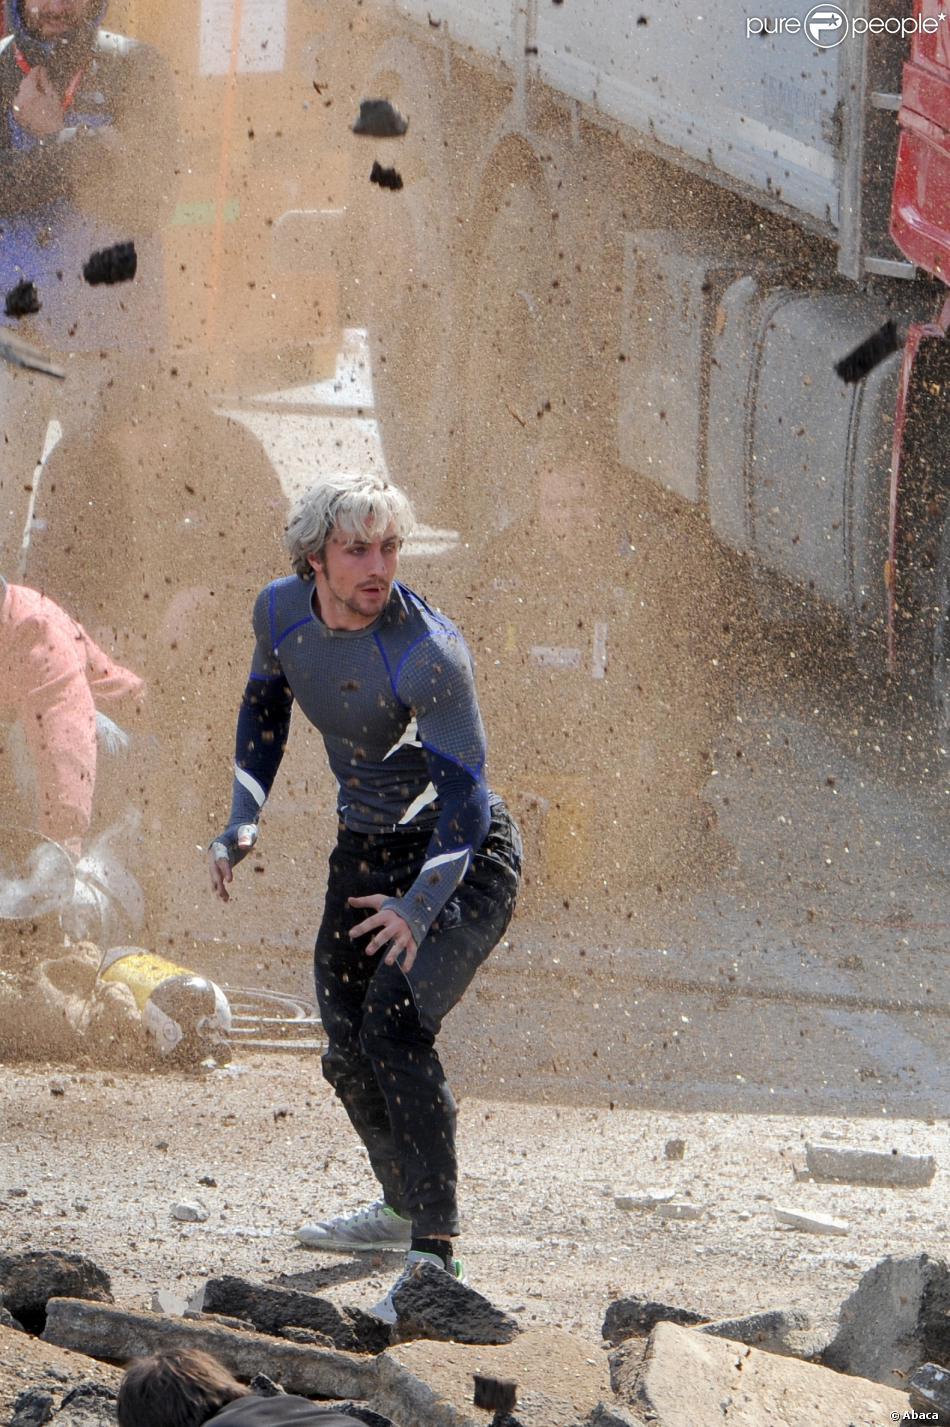 Aaron Taylor-Johnson dans le costume de Quicksilver, en action sur le tournage d'Avengers 2, à Aoste, Italie, le 24 mars 2014.